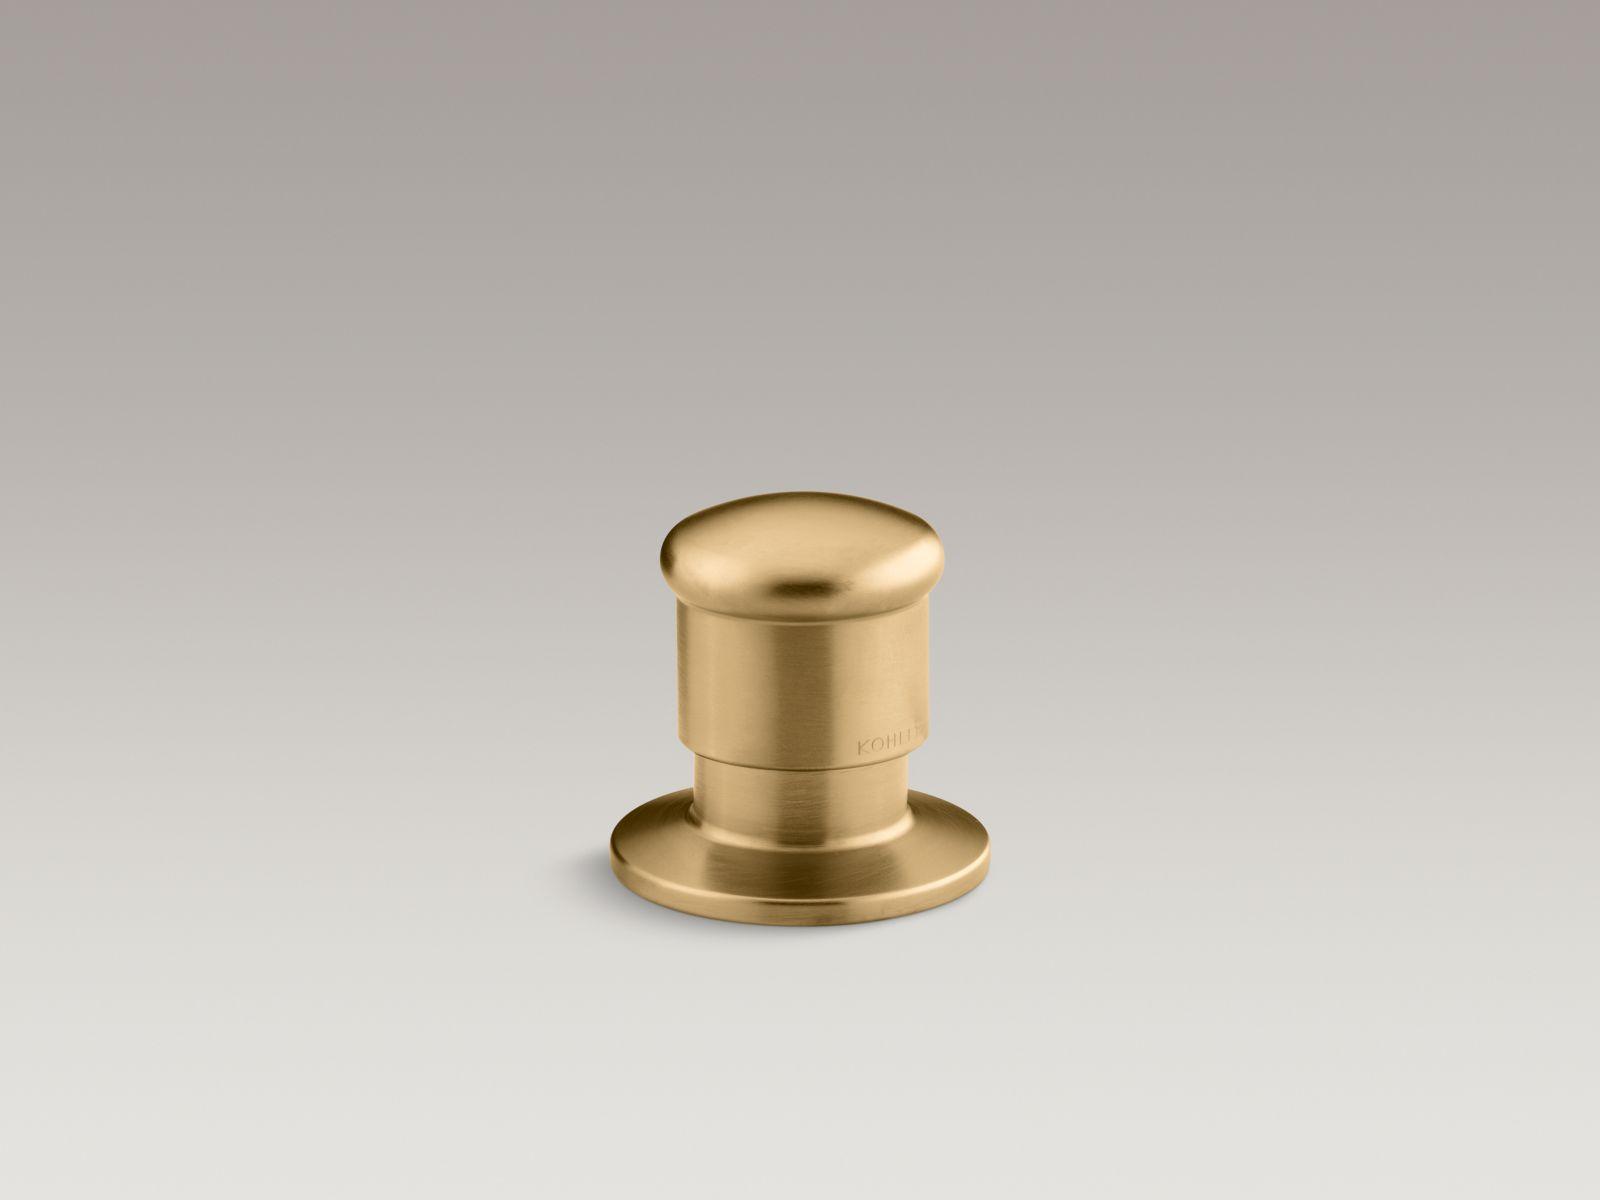 Kohler K-9530-BGD Deck-Mount Two-Way Diverter Valve Vibrant Moderne Brushed Gold